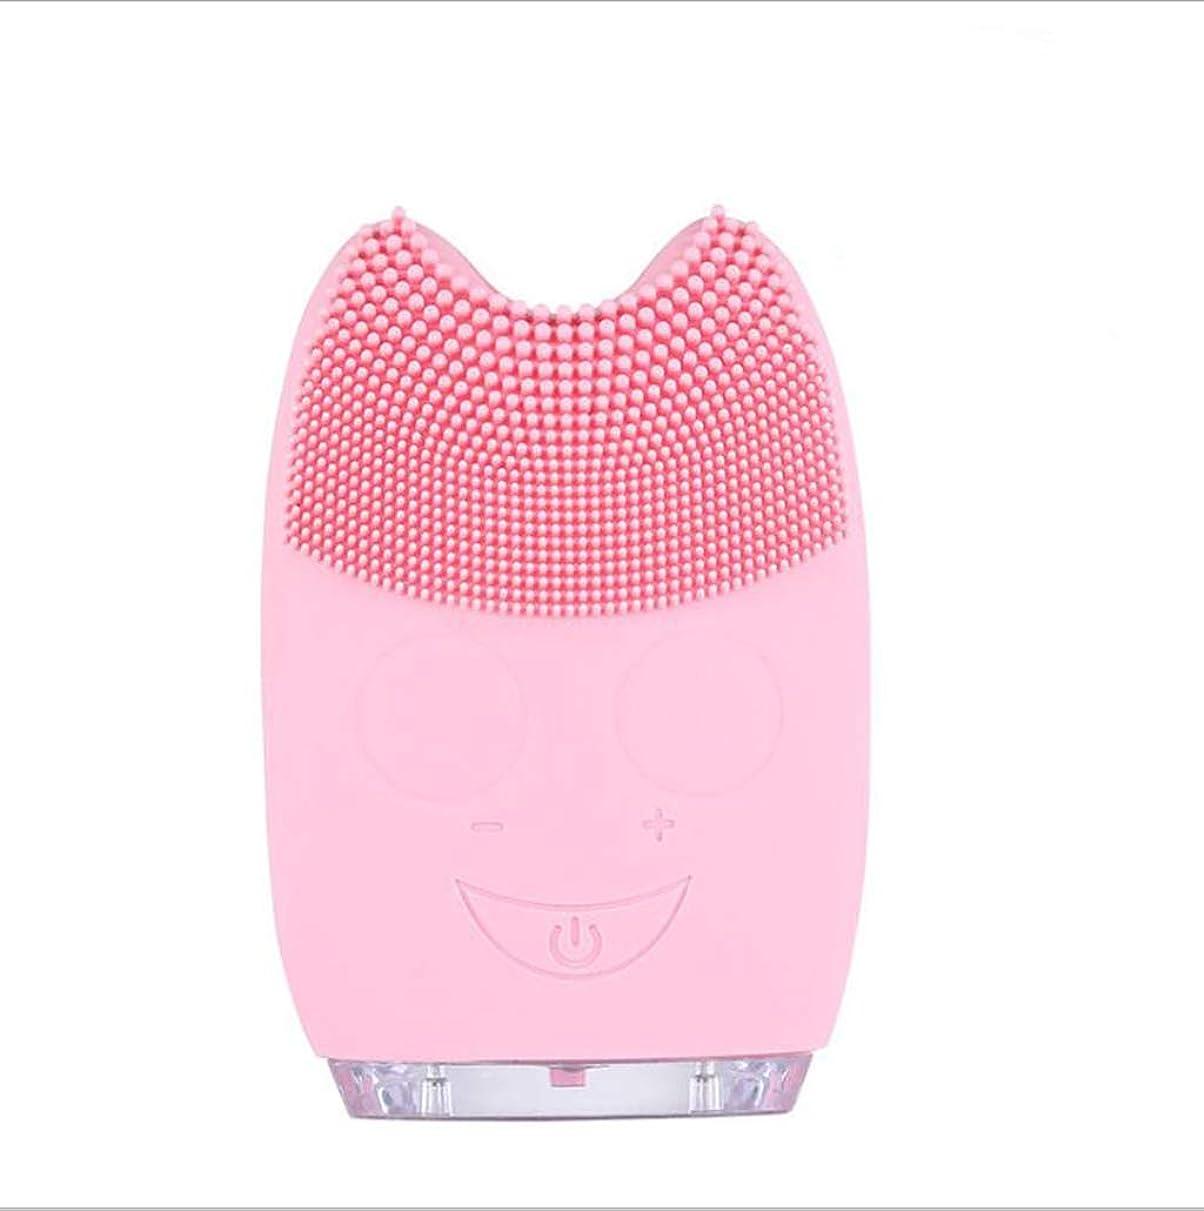 単なる義務付けられた傾向がありますすべての肌のタイプに適した角質除去とアンチエイジング顔マッサージのためのシリコーン電気クレンジングブラシ,Pink